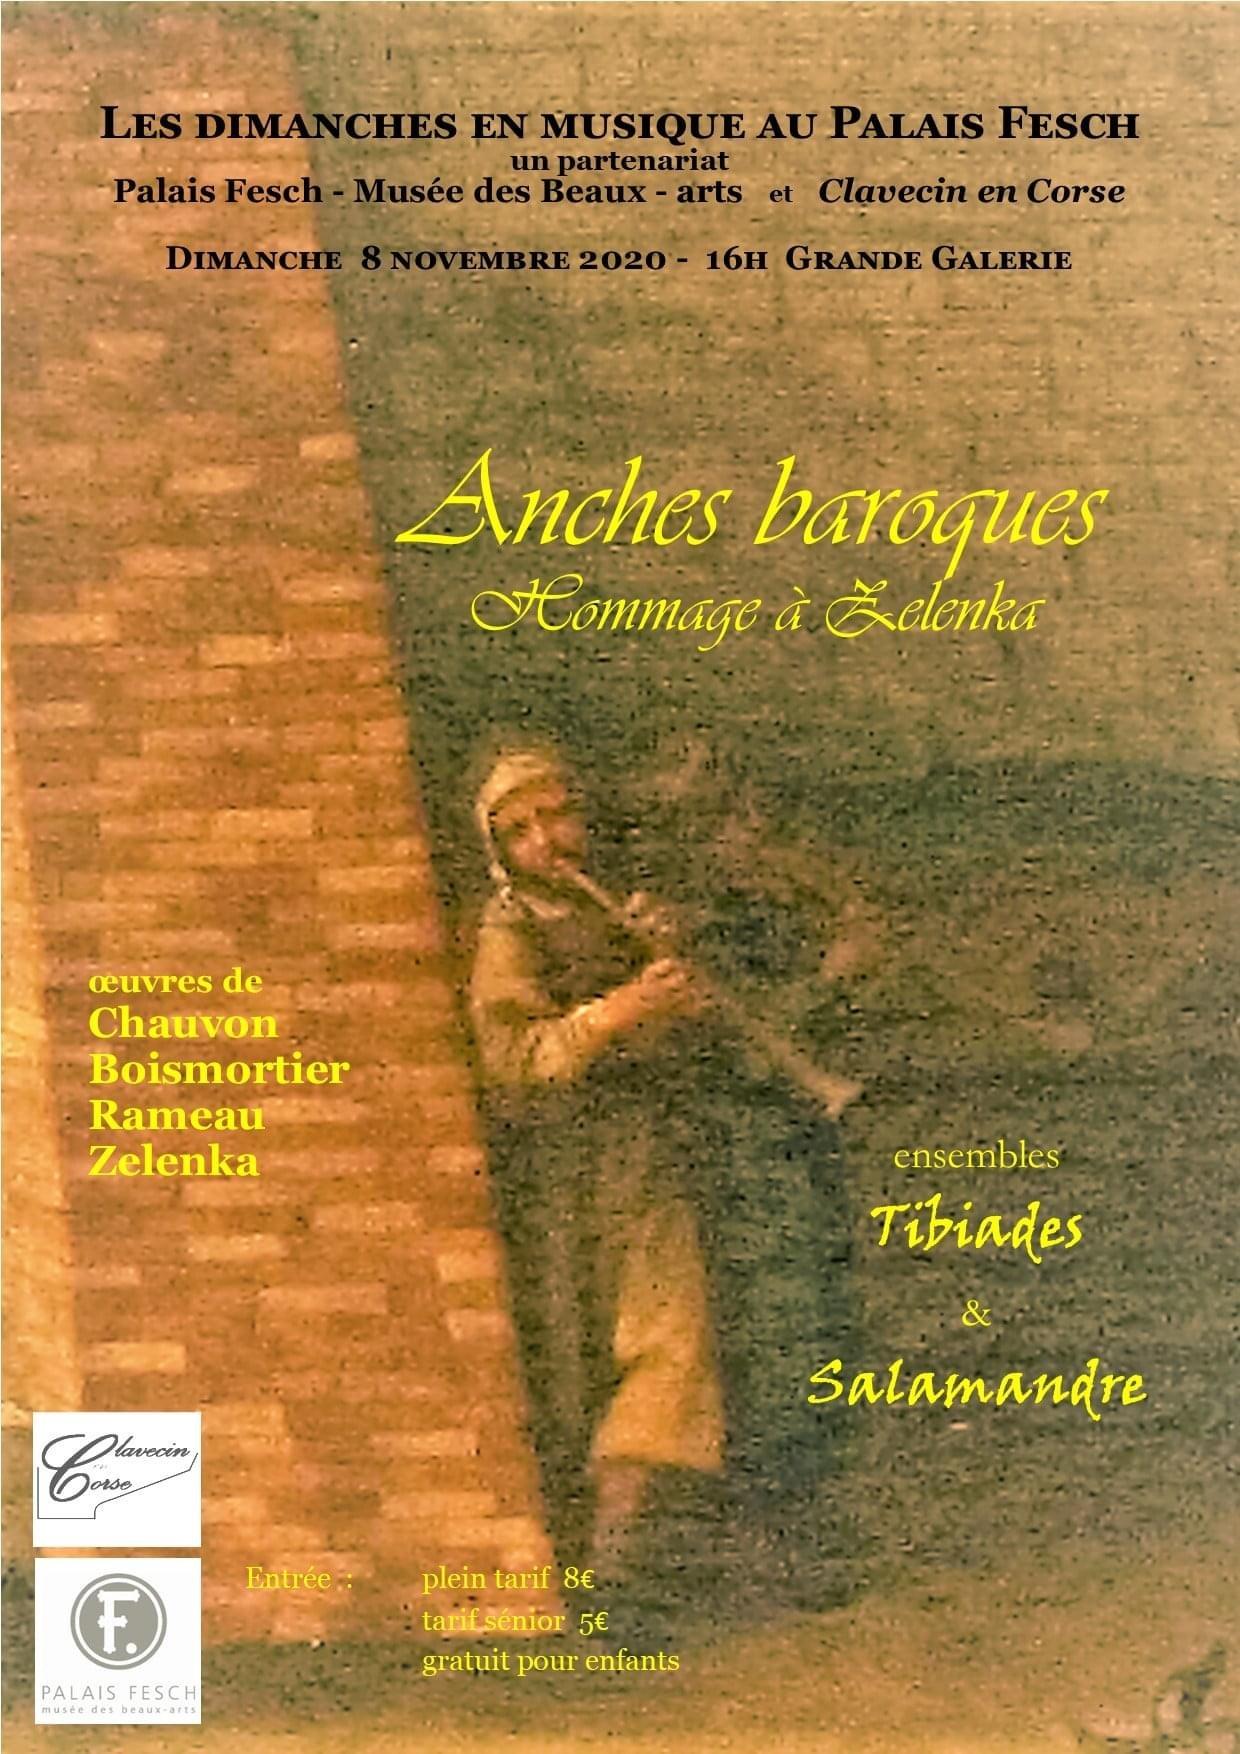 Annulation du concert organisé par Clavecin en Corse au Palais Fesch le 8 Novembre